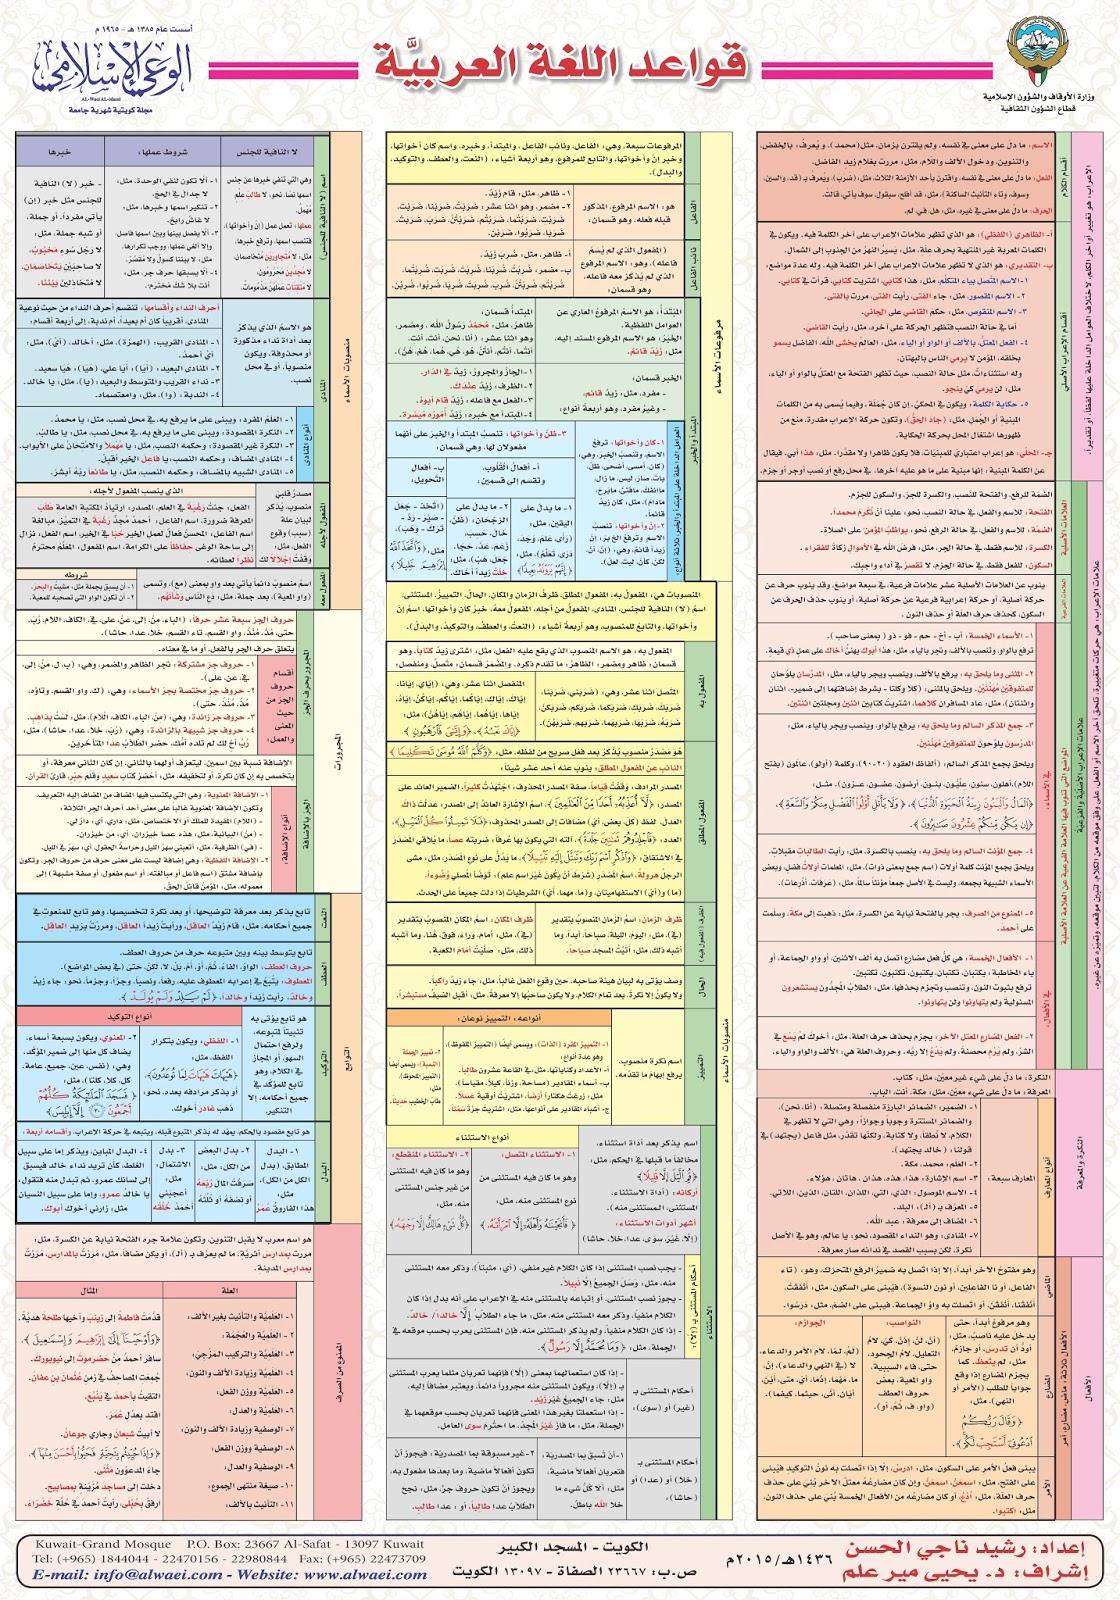 أفضل كتاب لتعلم قواعد اللغة العربية